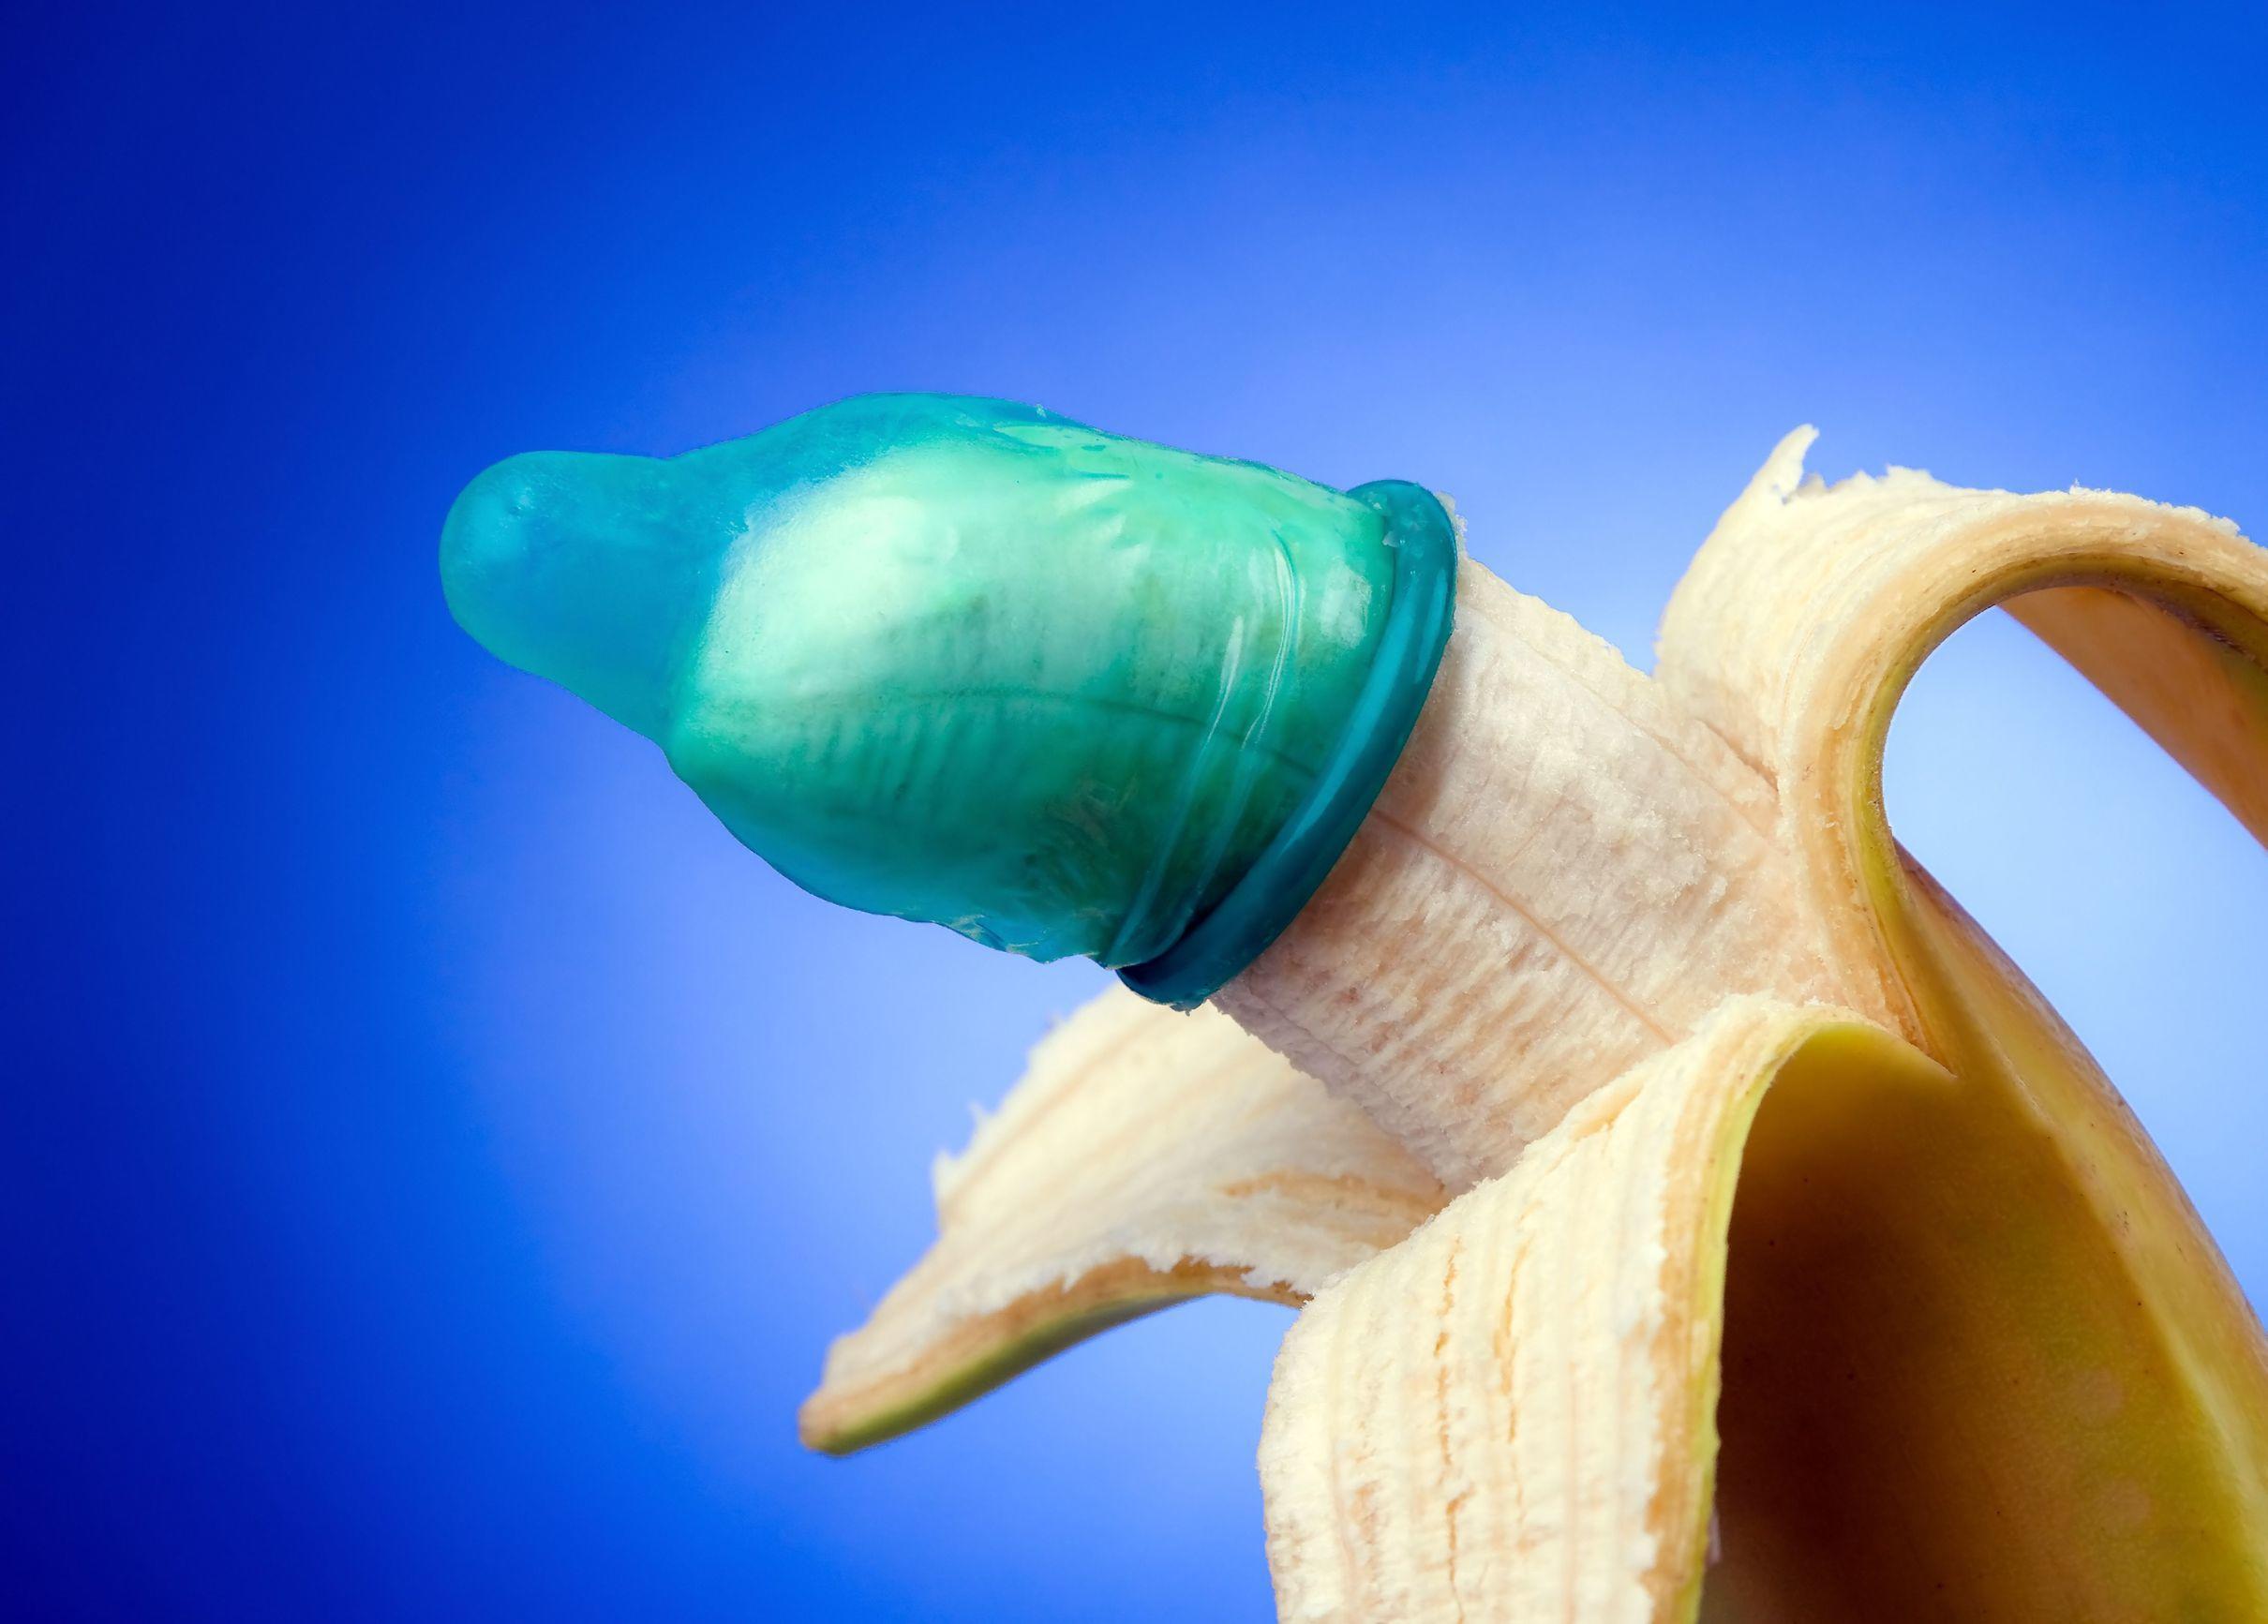 Πόσο μεγάλο πρέπει να είναι ένα πέος